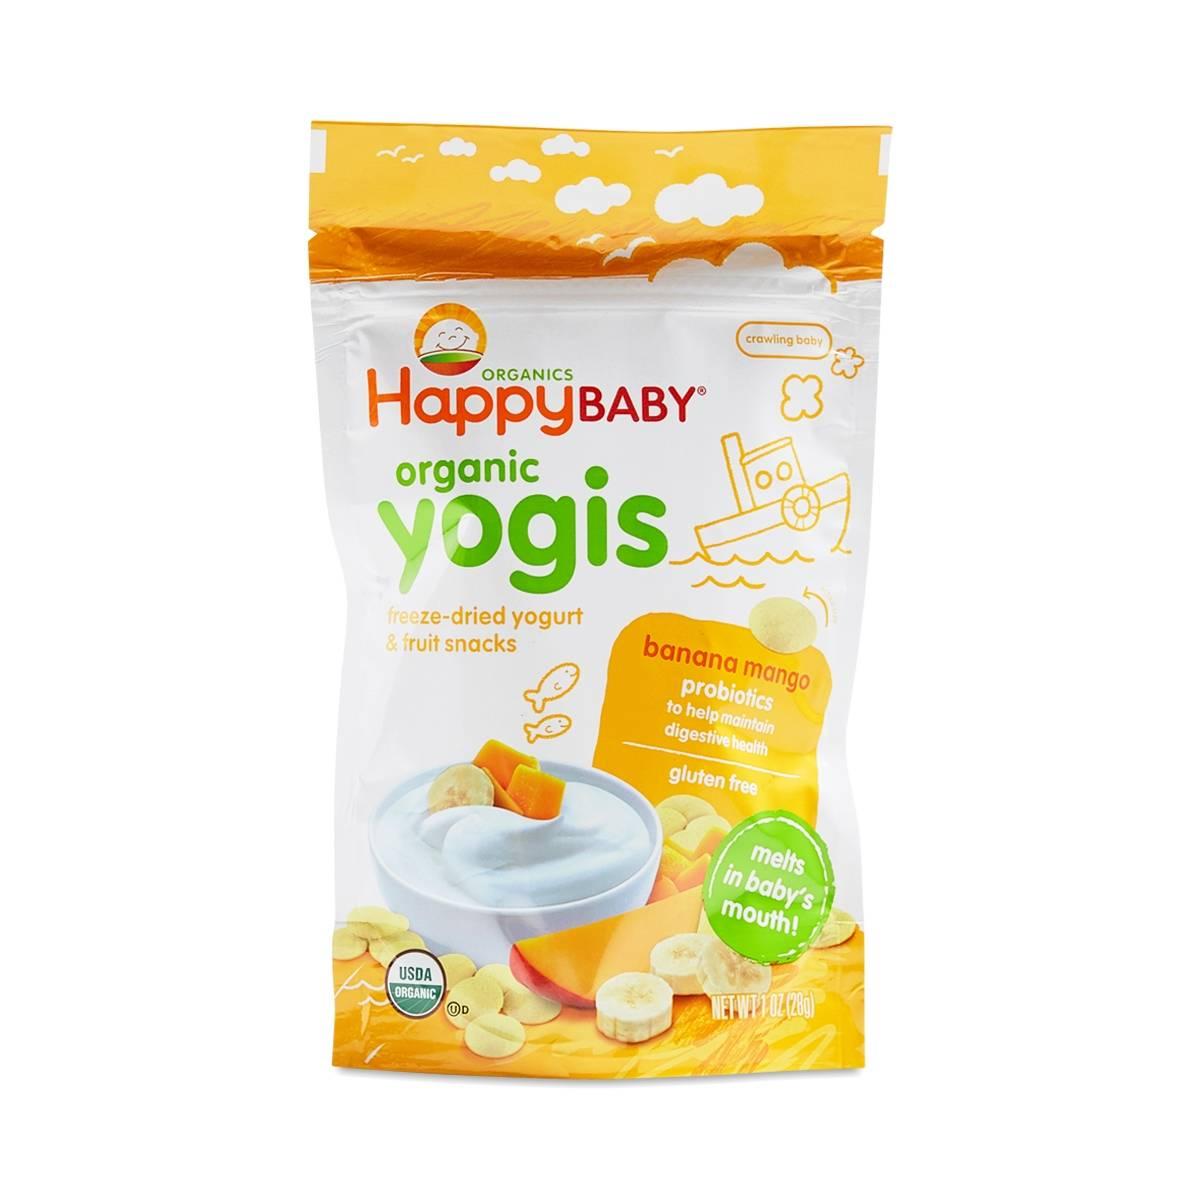 Happy Baby Organic Yogurt Amp Fruit Snacks Banana Mango